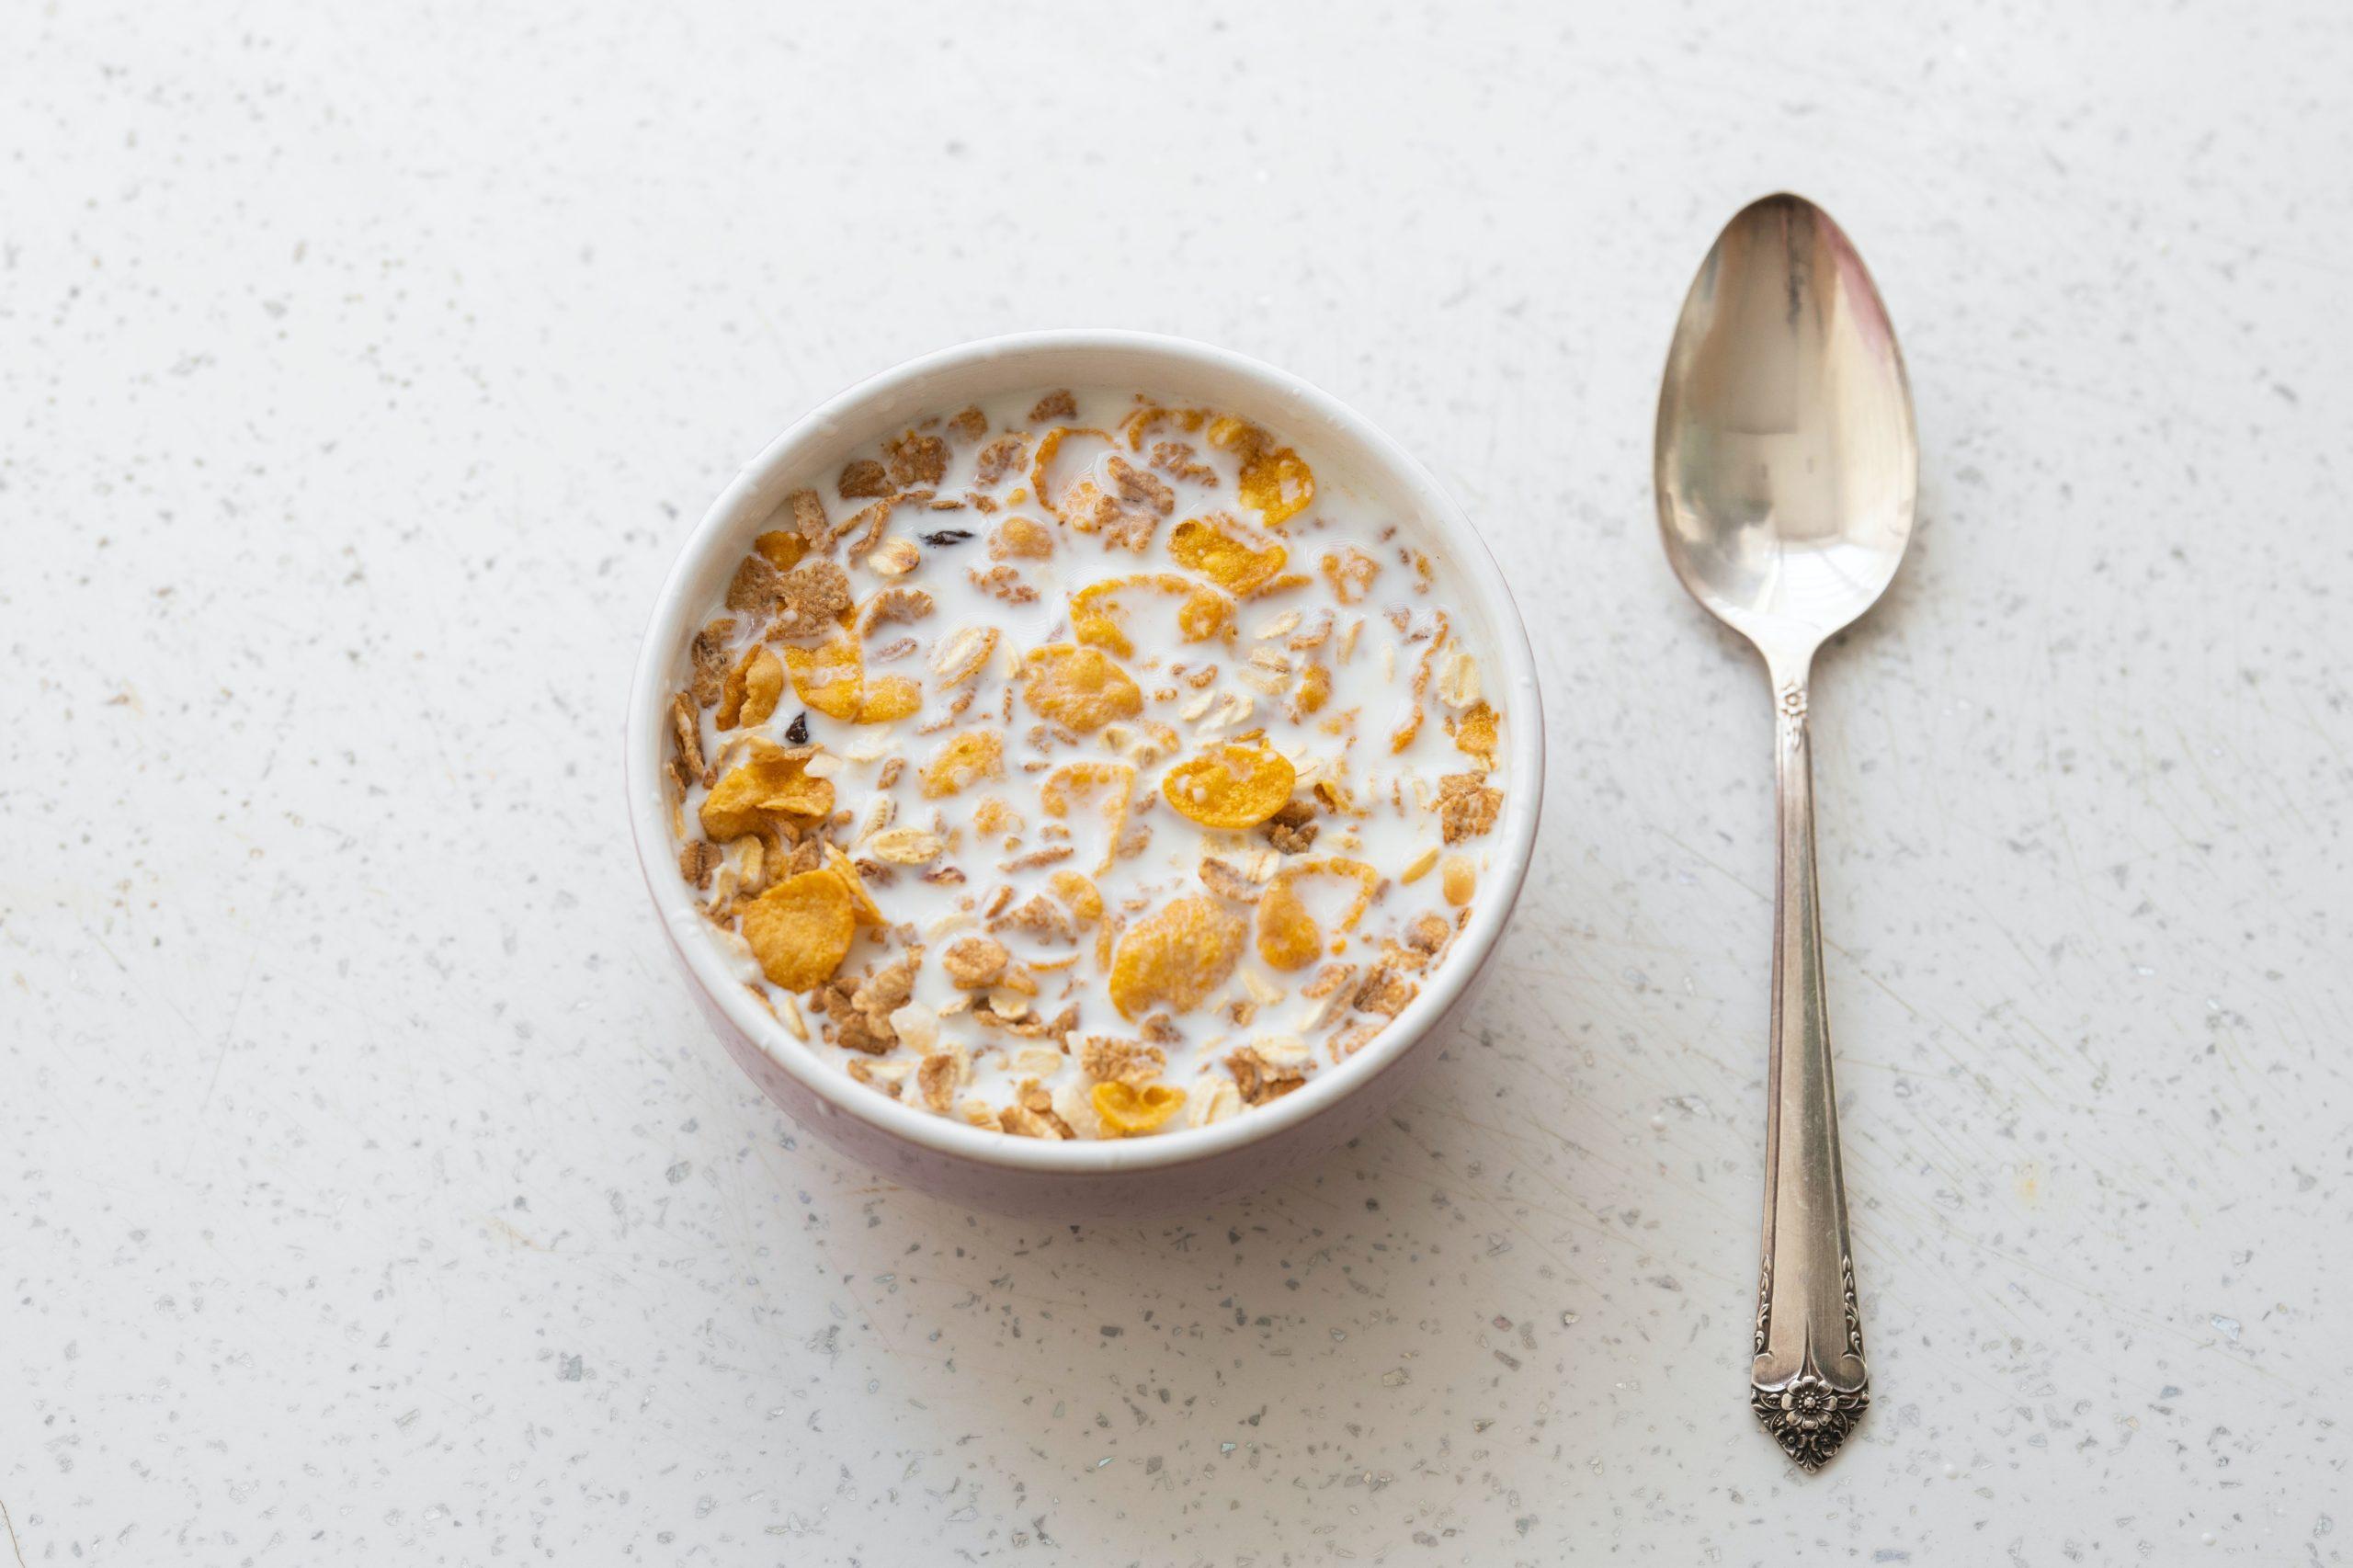 Zdrowie i uroda - Płatki śniadaniowe - które wybrać? 5